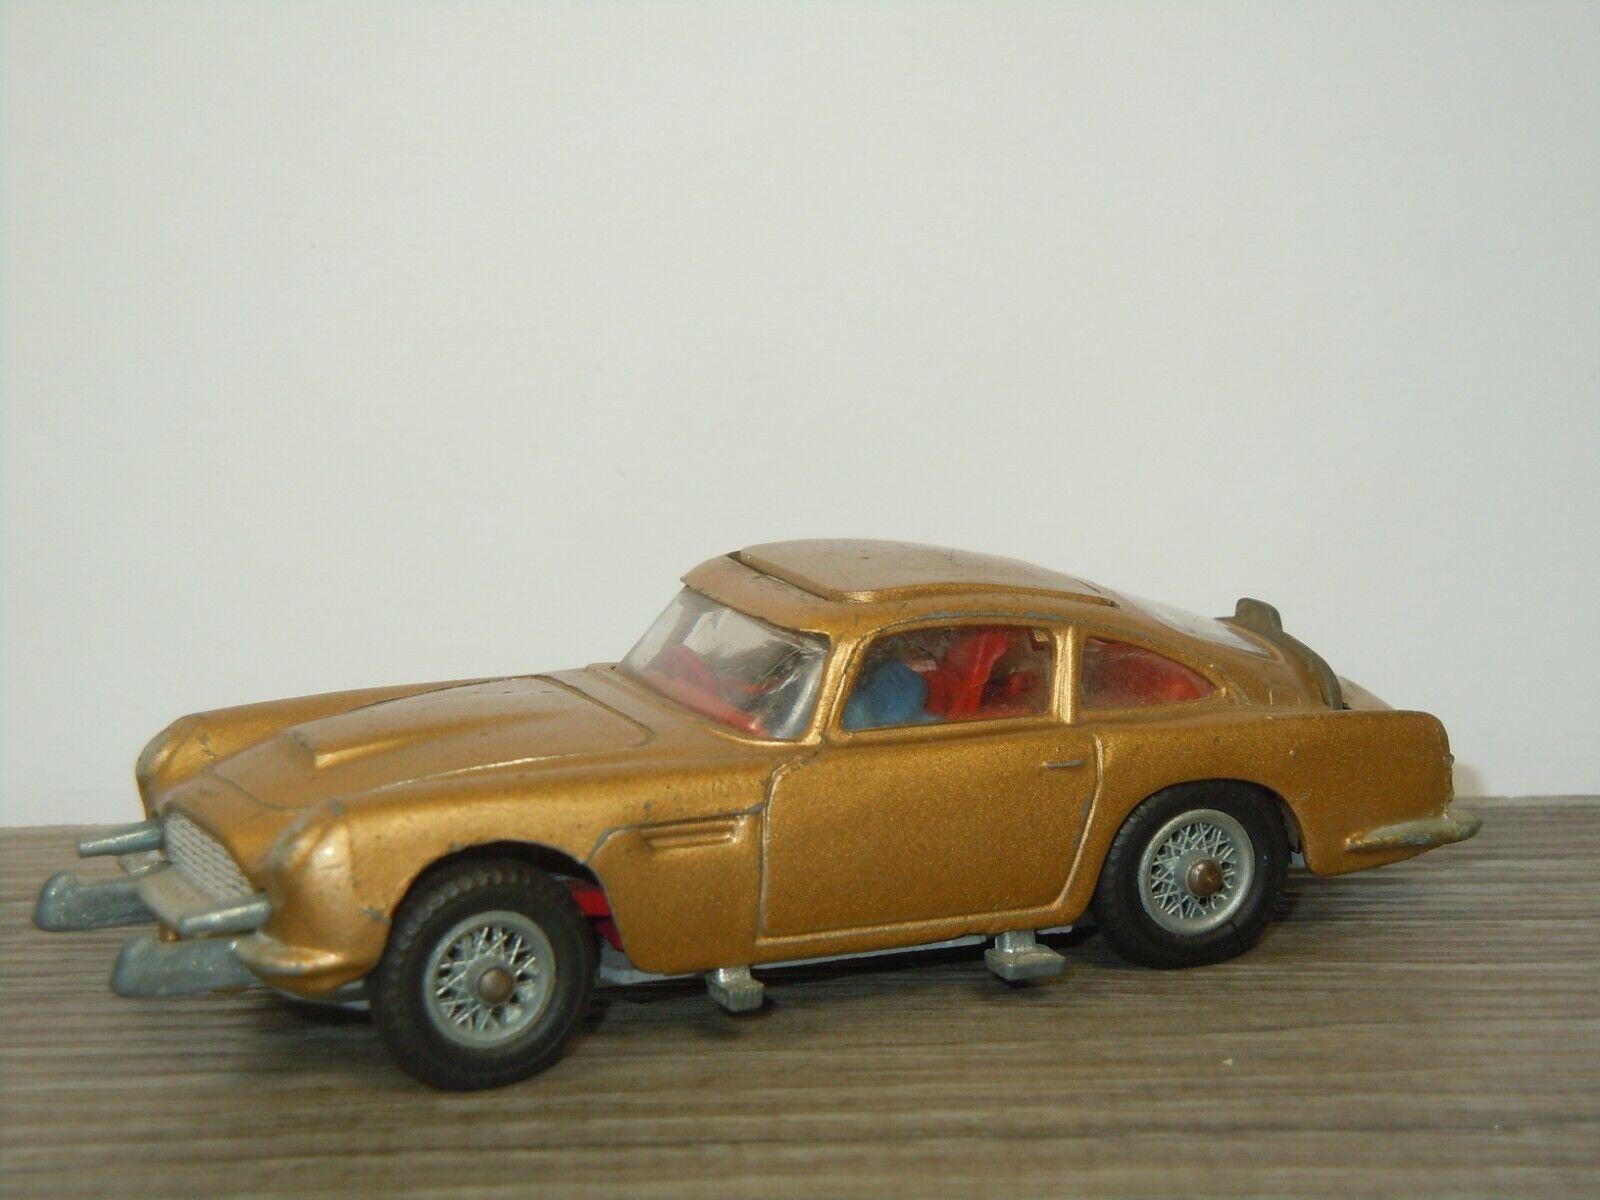 Aston Martin DB5 James Bond - Corgi Toys 261 England 42146